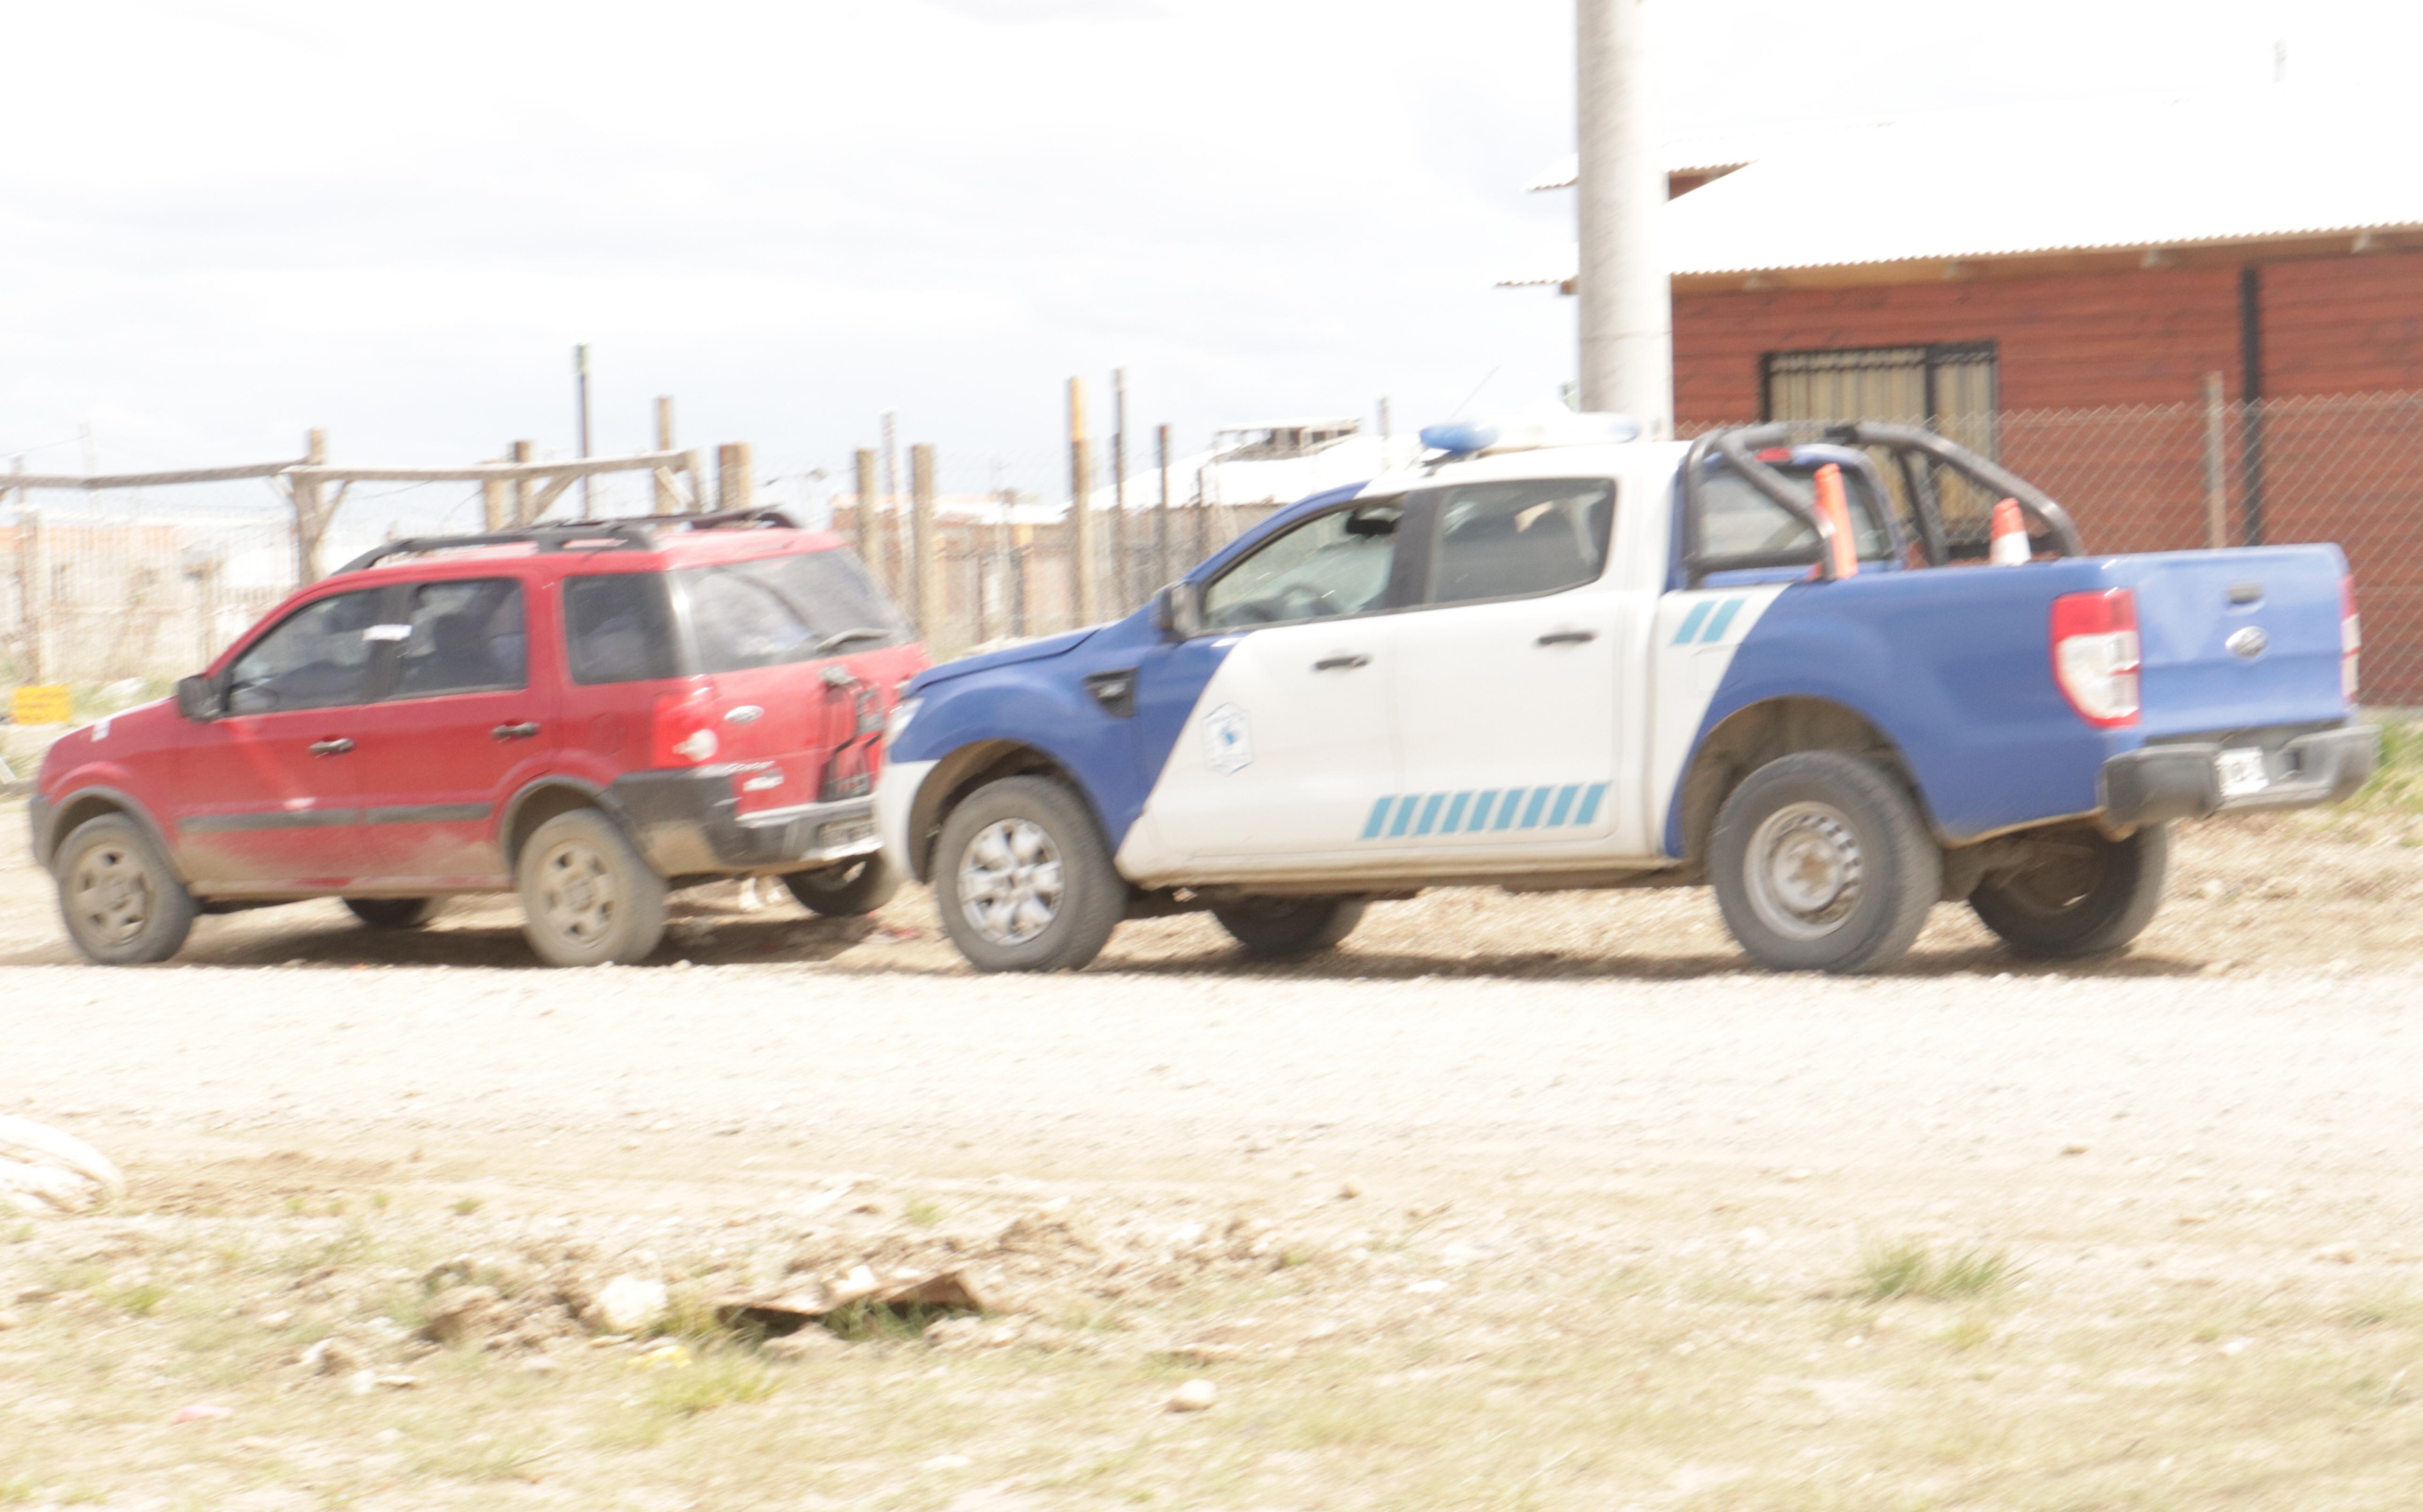 La EcoSport con custodia policial, antes de ser secuestrada.